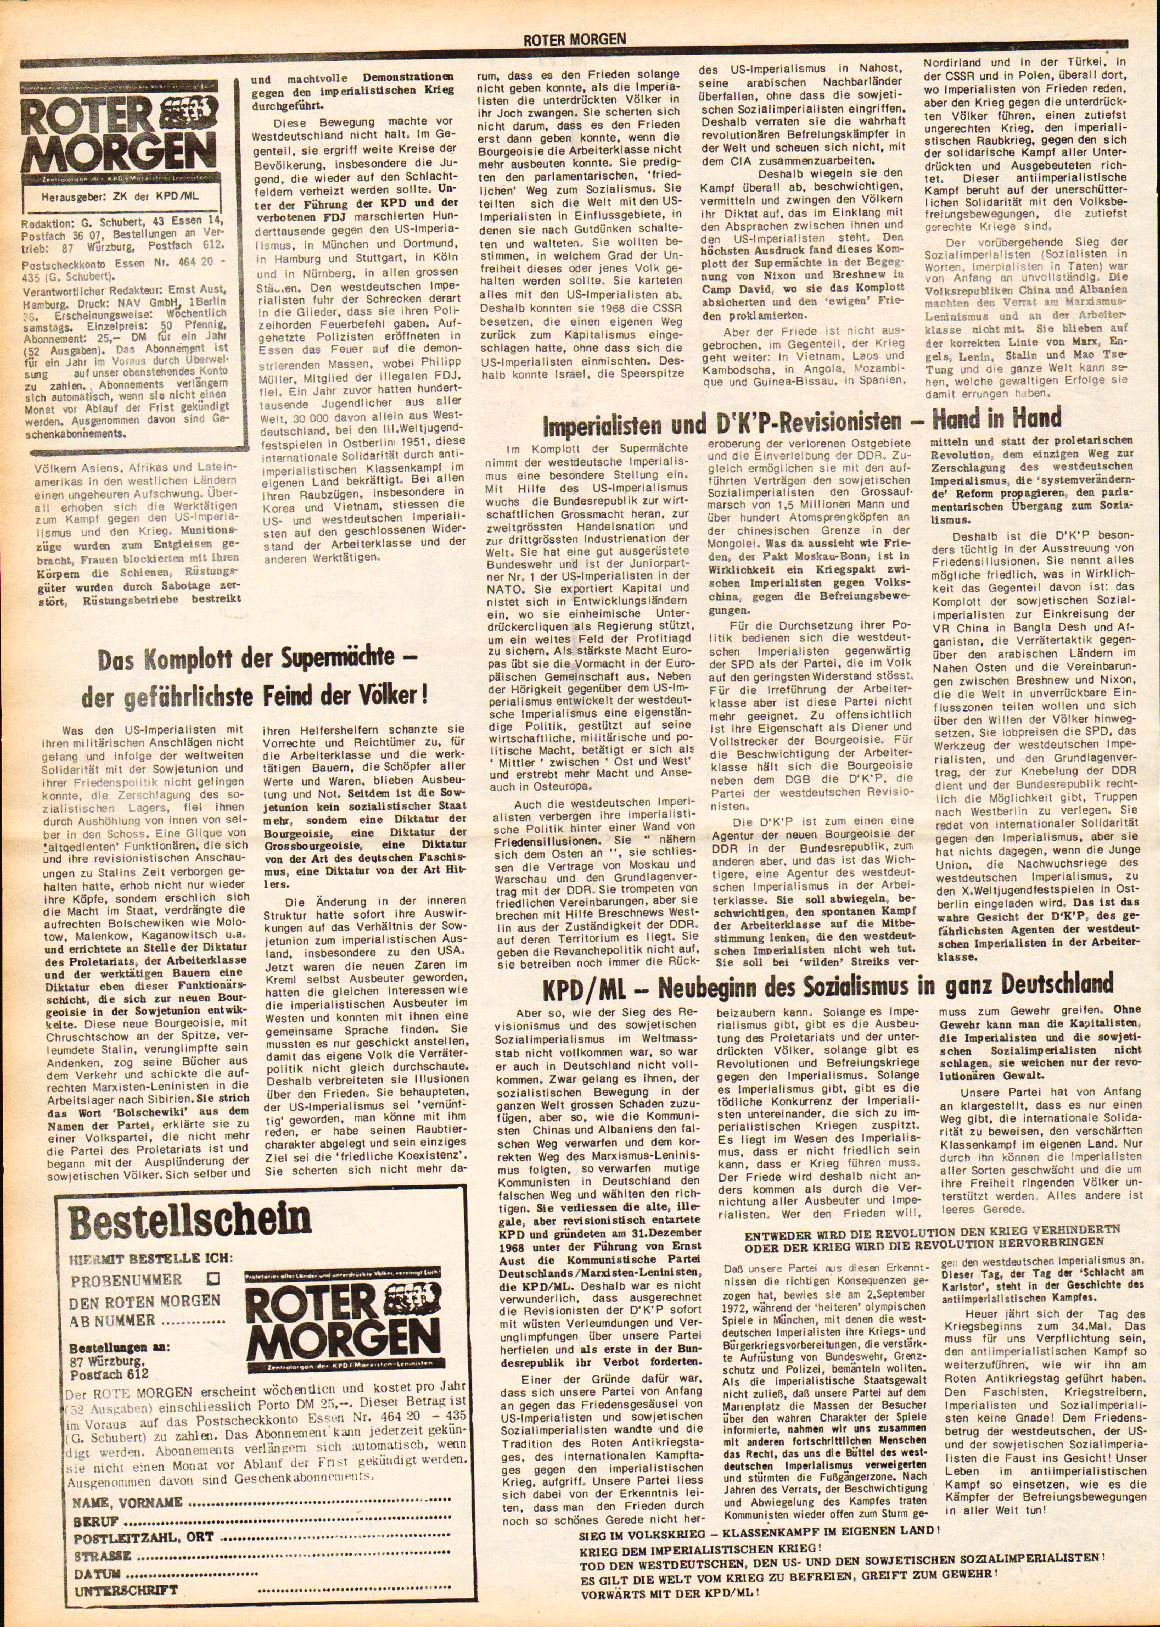 Roter Morgen, 7. Jg., August 1973, Extrablatt, Seite 2